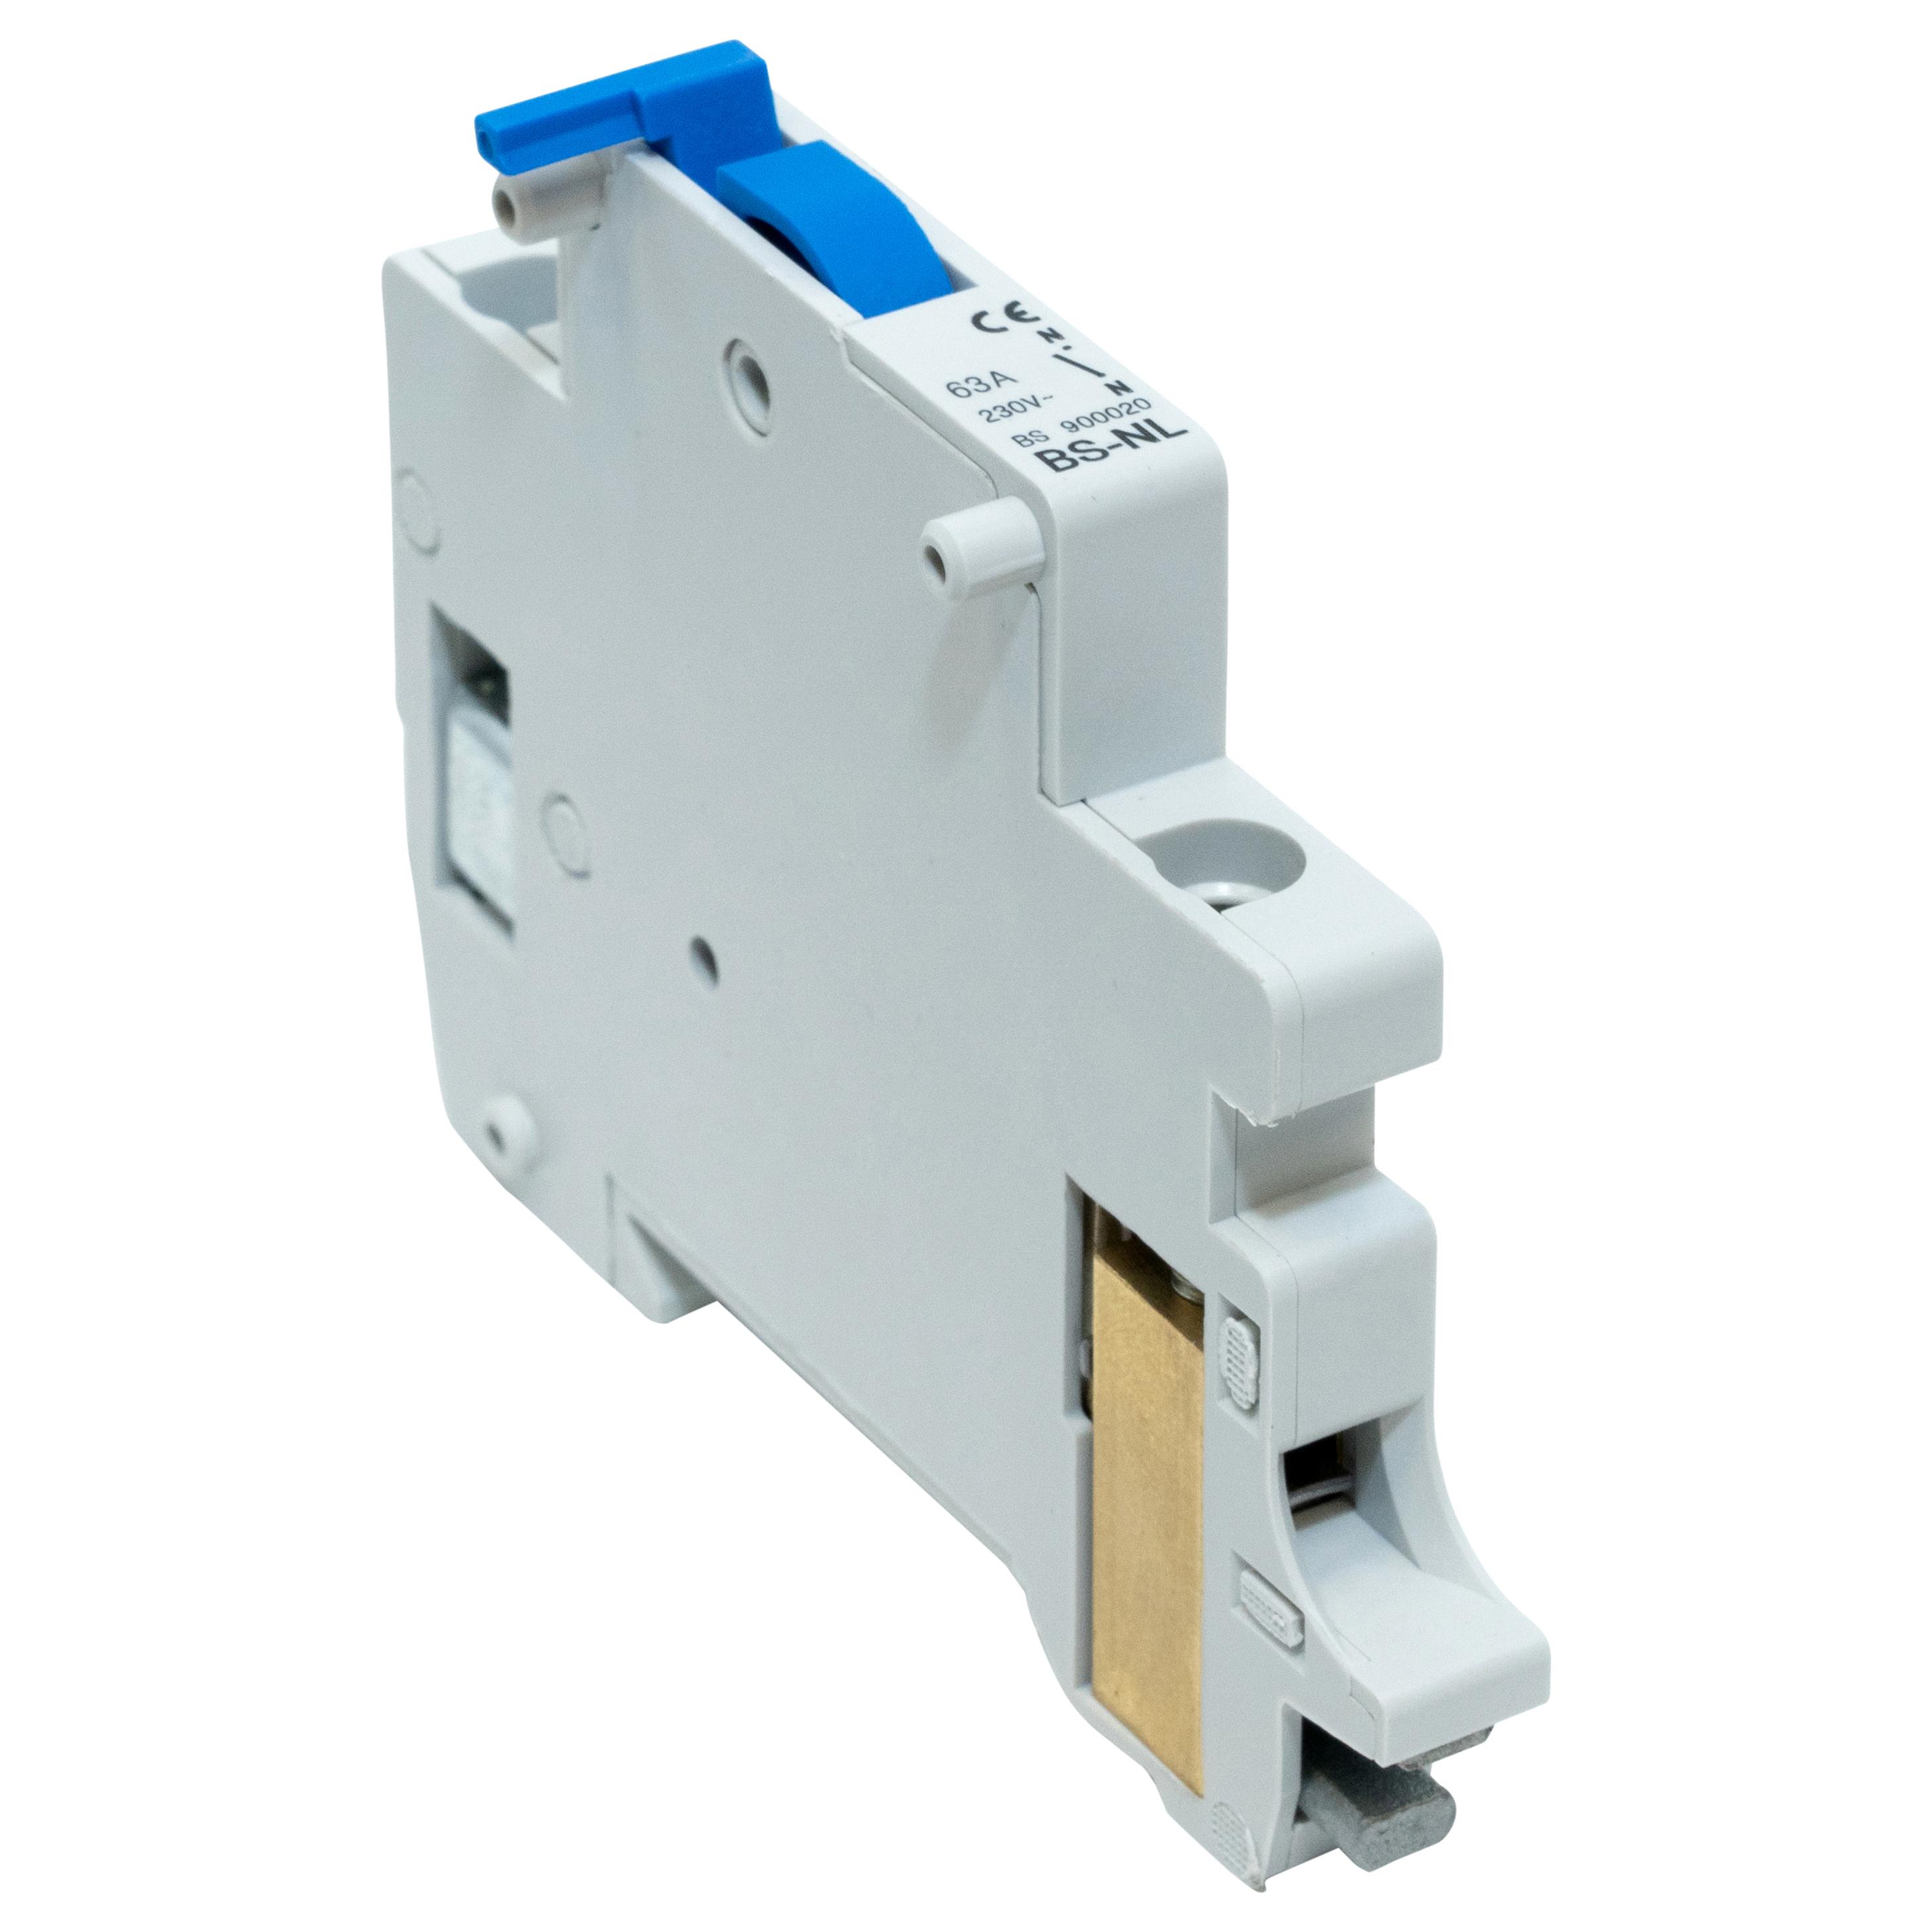 1 Stk Neutralleitertrenner BS900020--